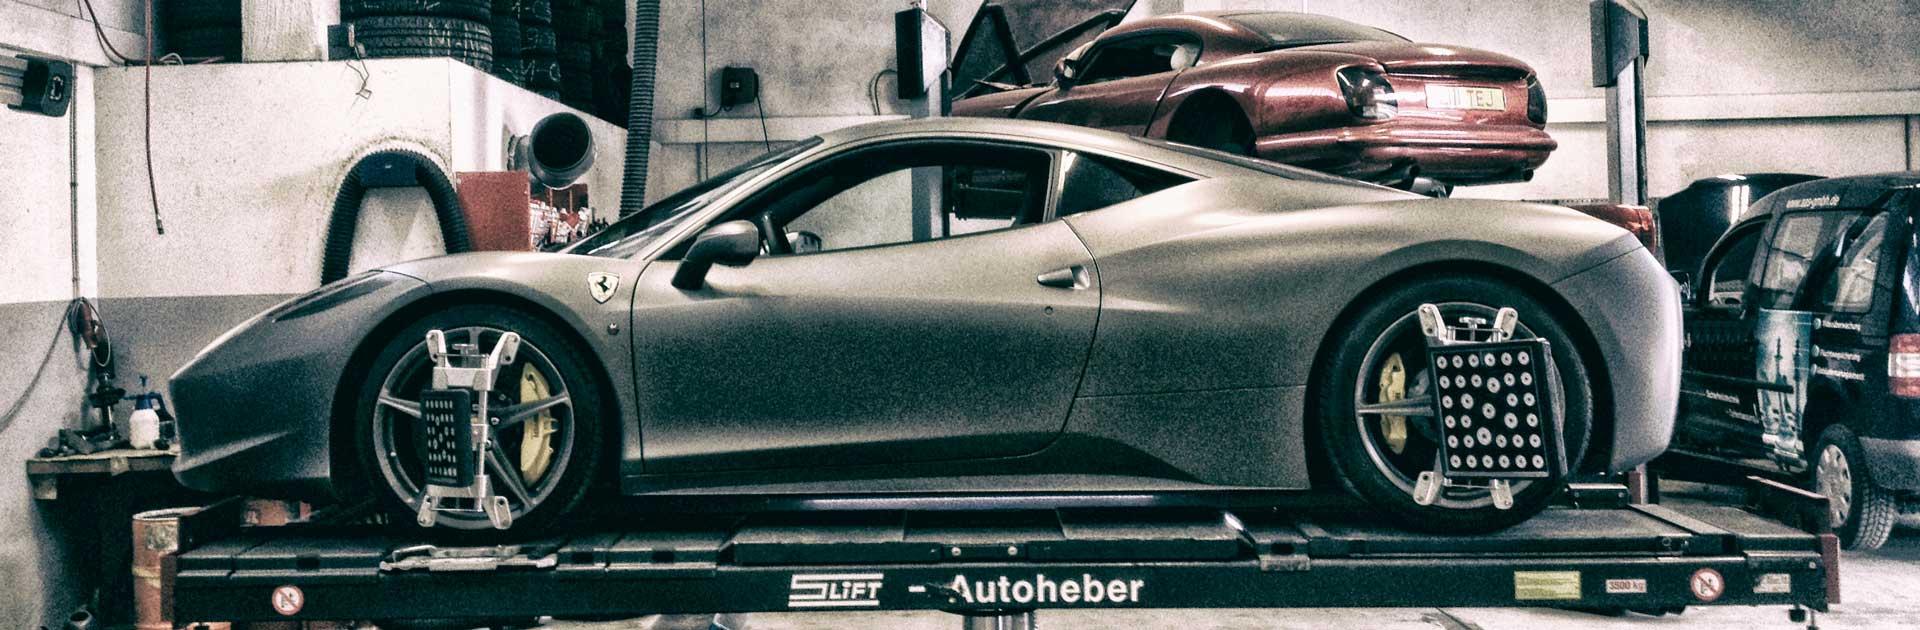 Ferrari_auf_der_Buehne